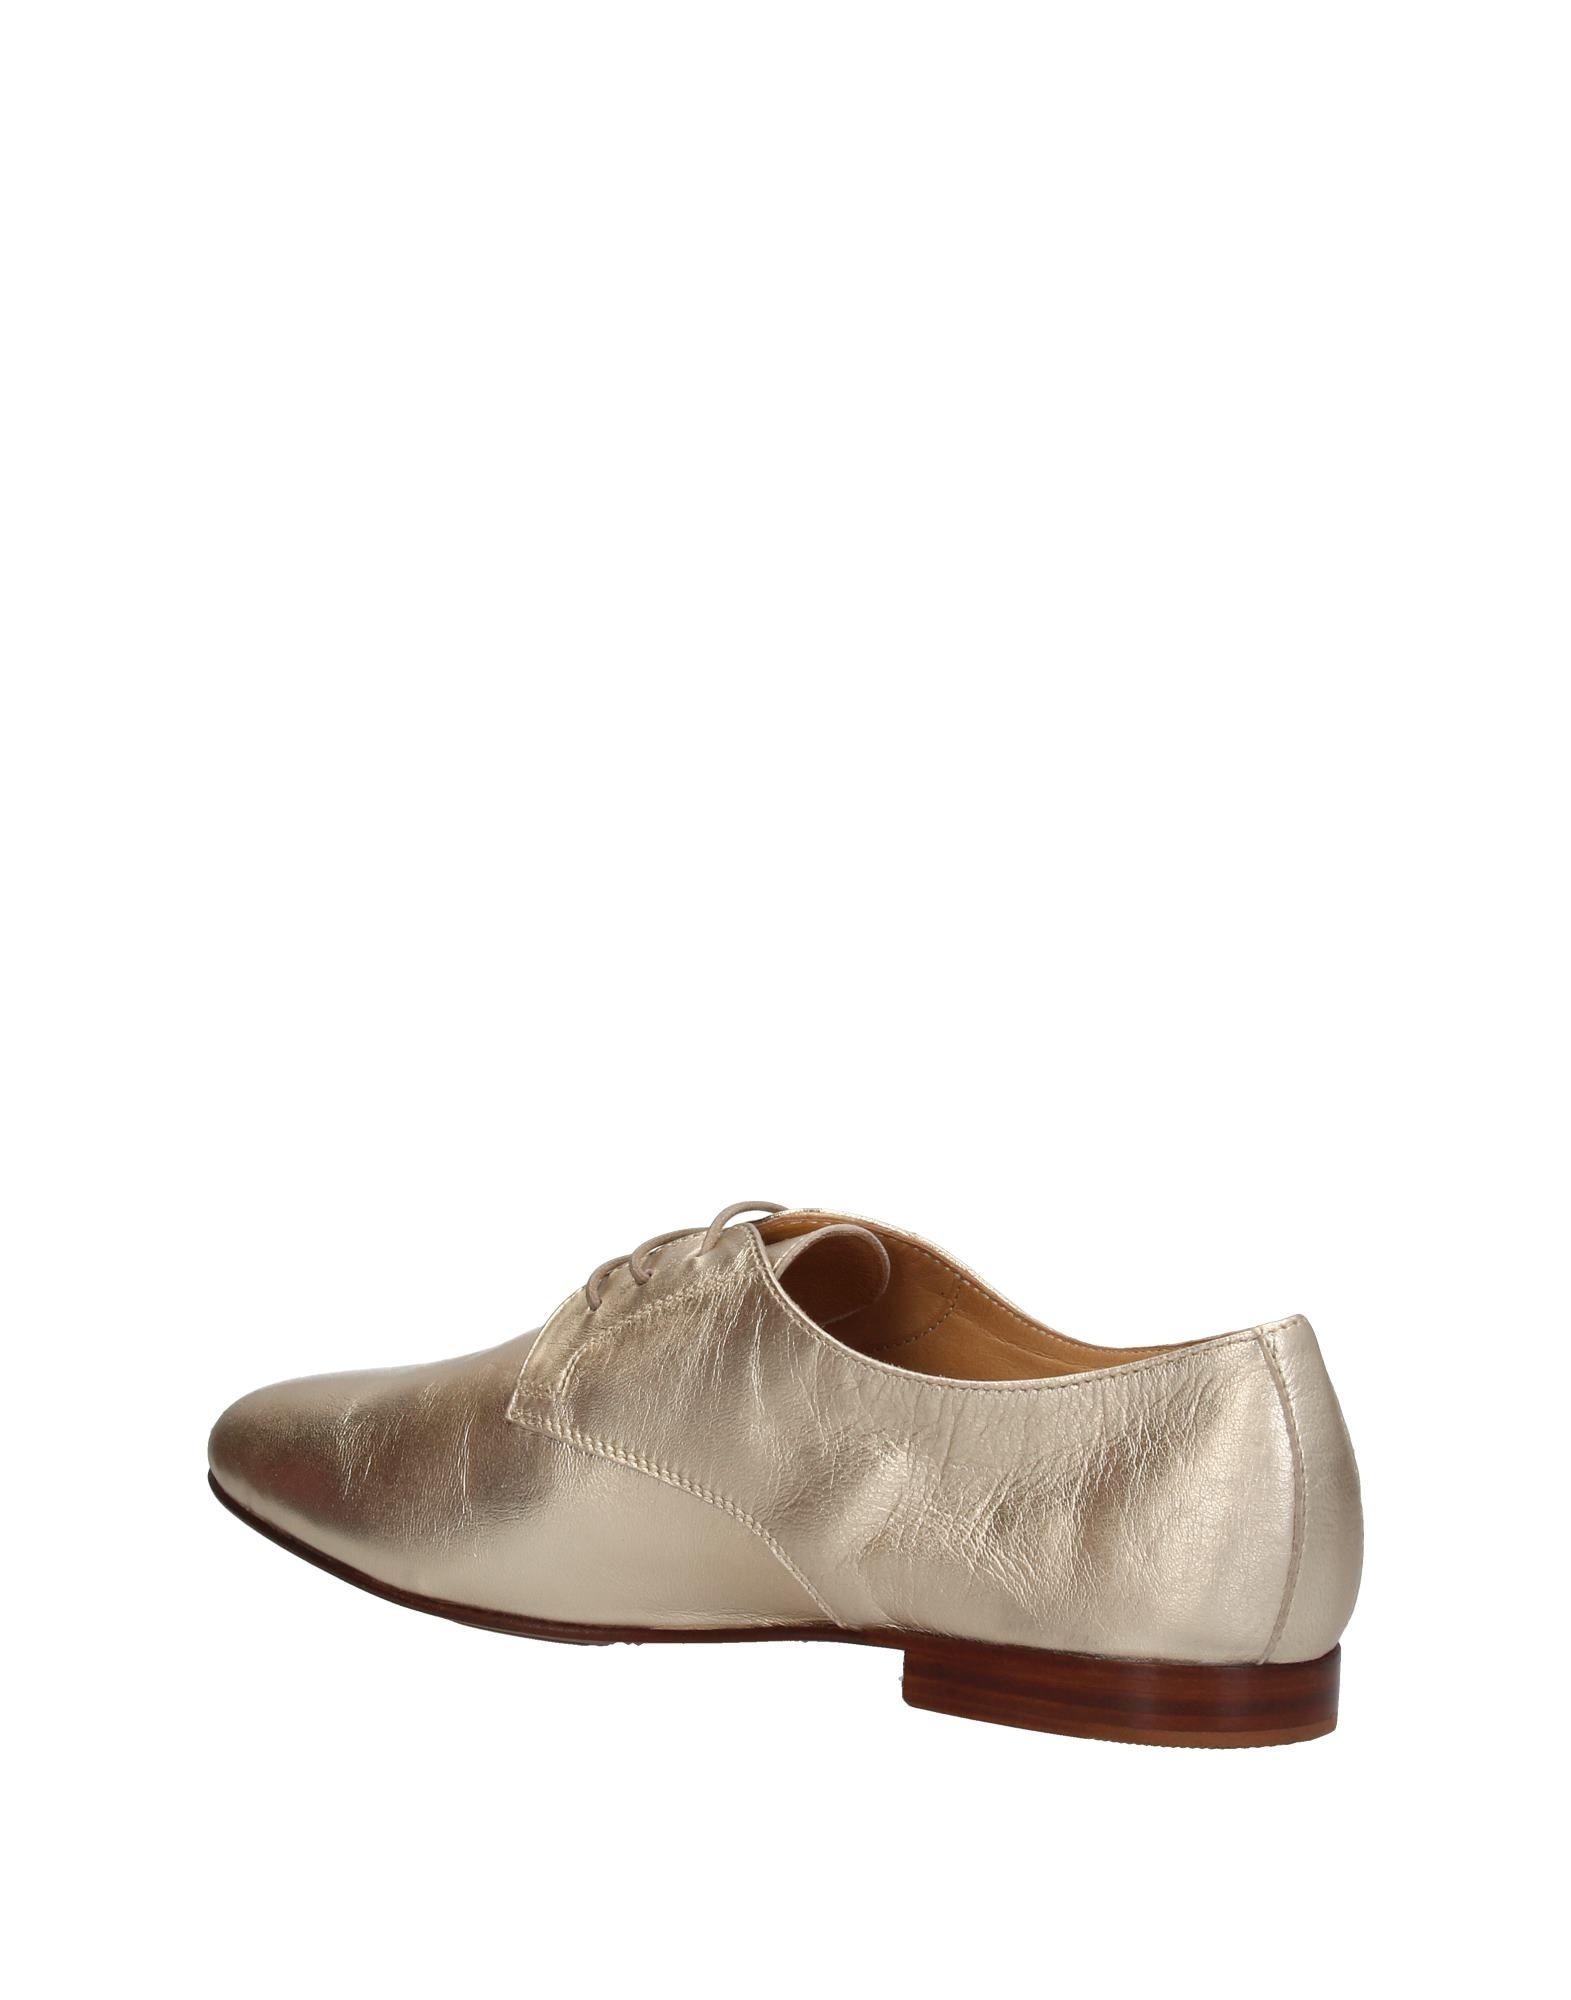 Doucal's Schnürschuhe Damen  Qualität 11407202SE Gute Qualität  beliebte Schuhe 8e1542